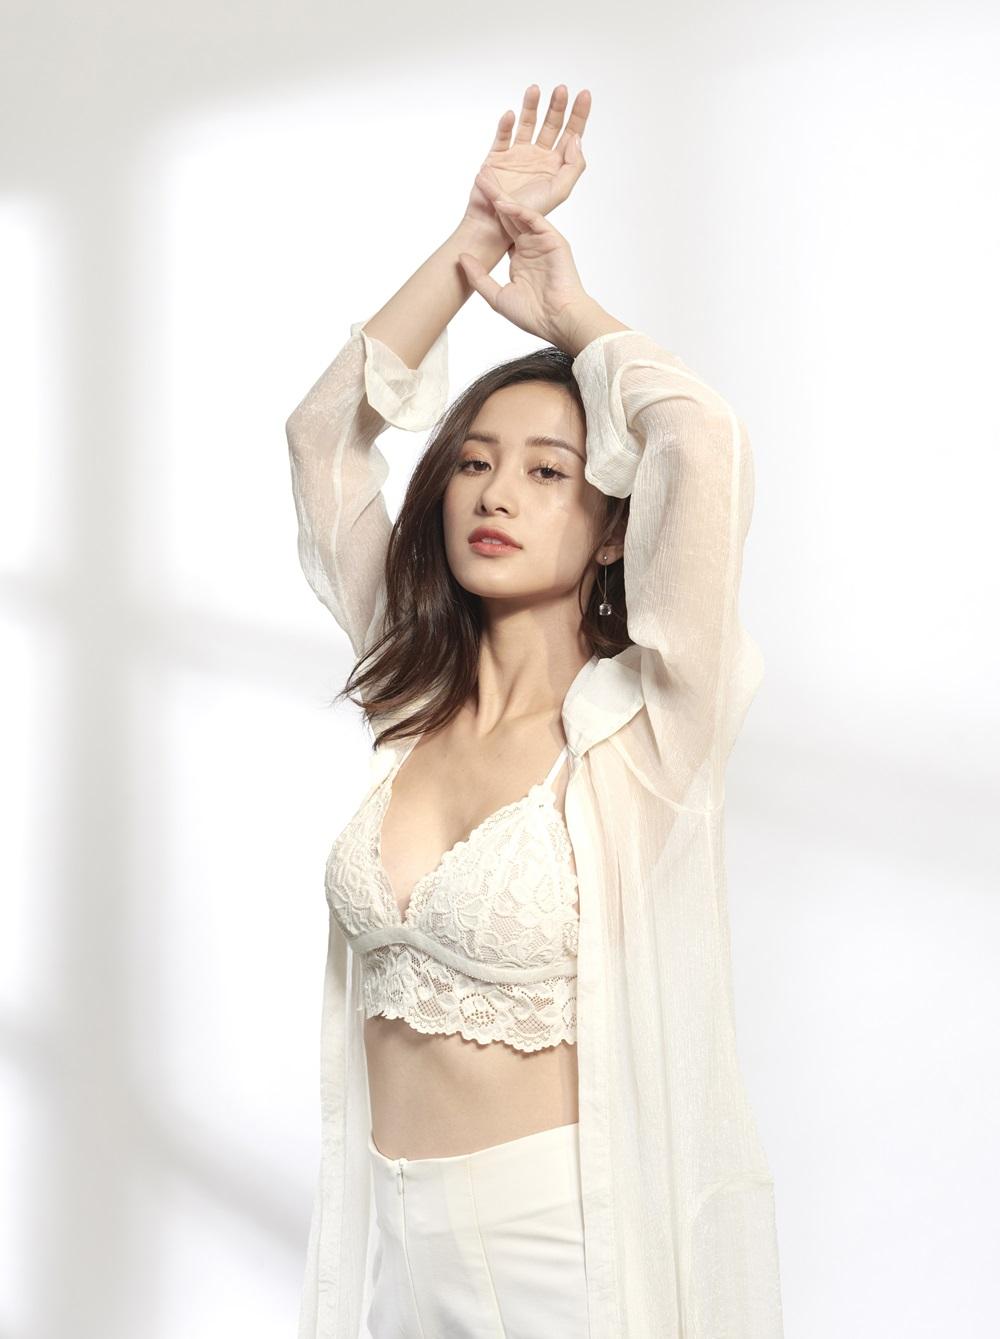 Điểm thứ 2 là cách make-up, Jun dù trang điểm theo phong cách gì cũng ra kiểu Thái Lan bởi đã quen trau chuốt cho vùng mắt.